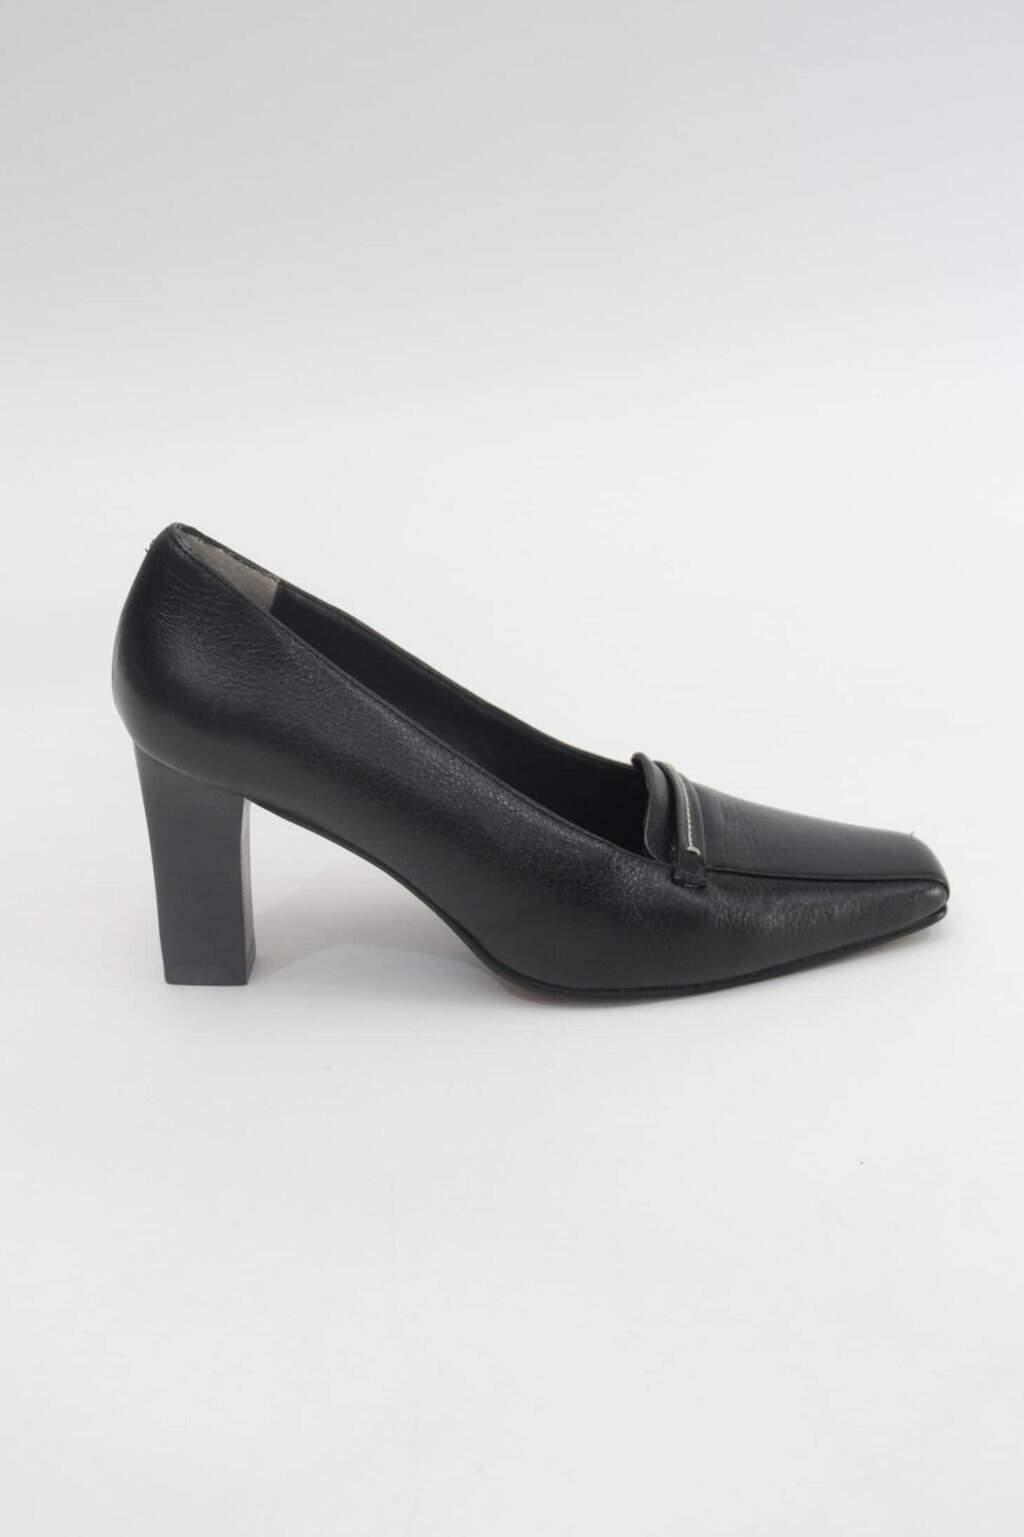 Sapato corello feminino preto